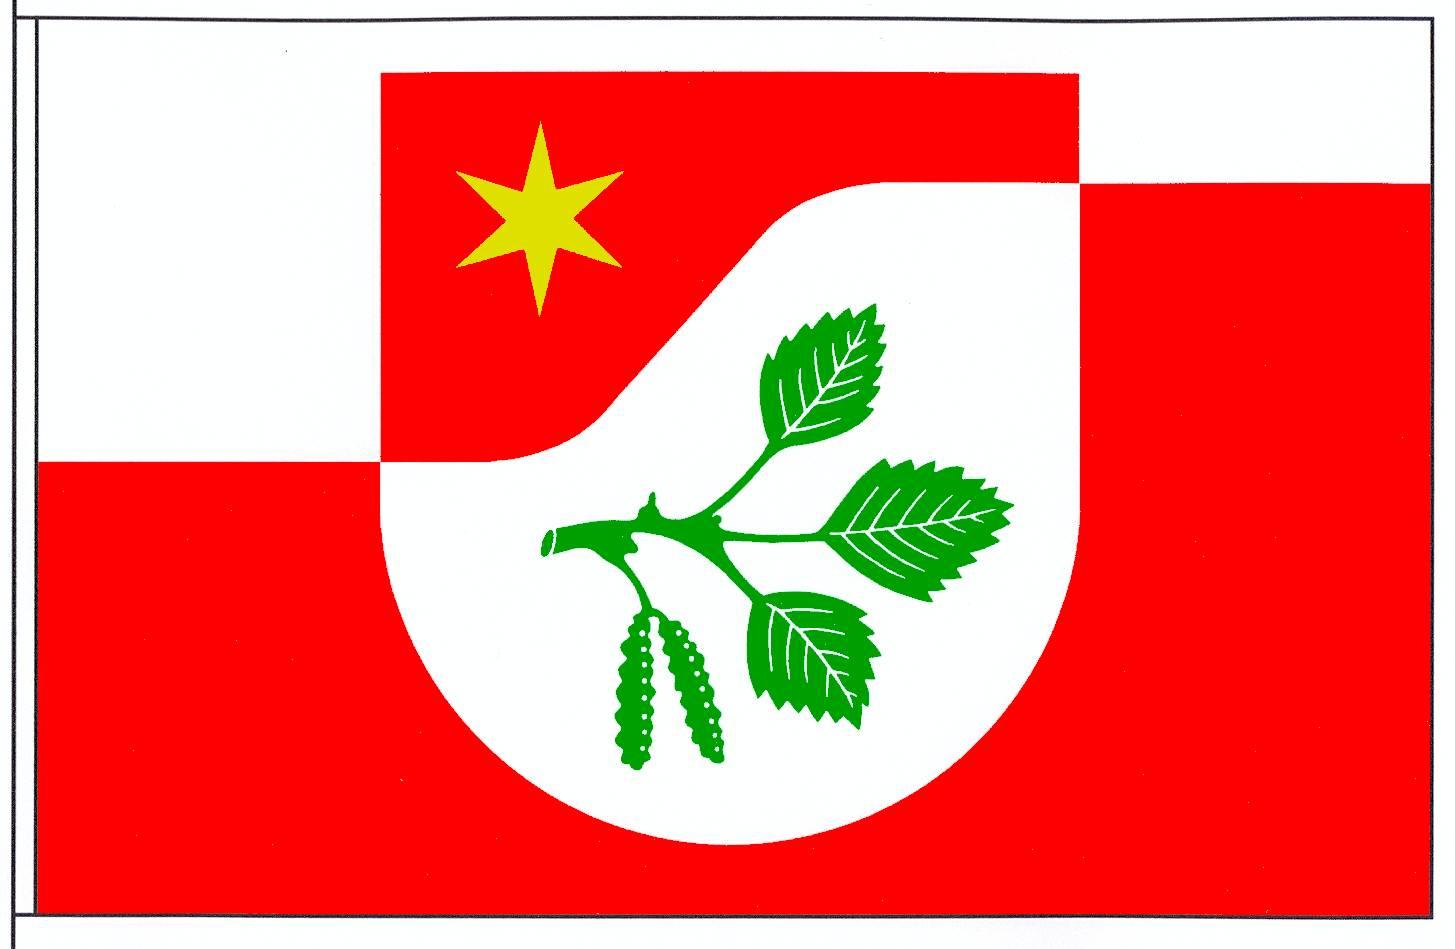 Flagge GemeindeGudendorf, Kreis Dithmarschen